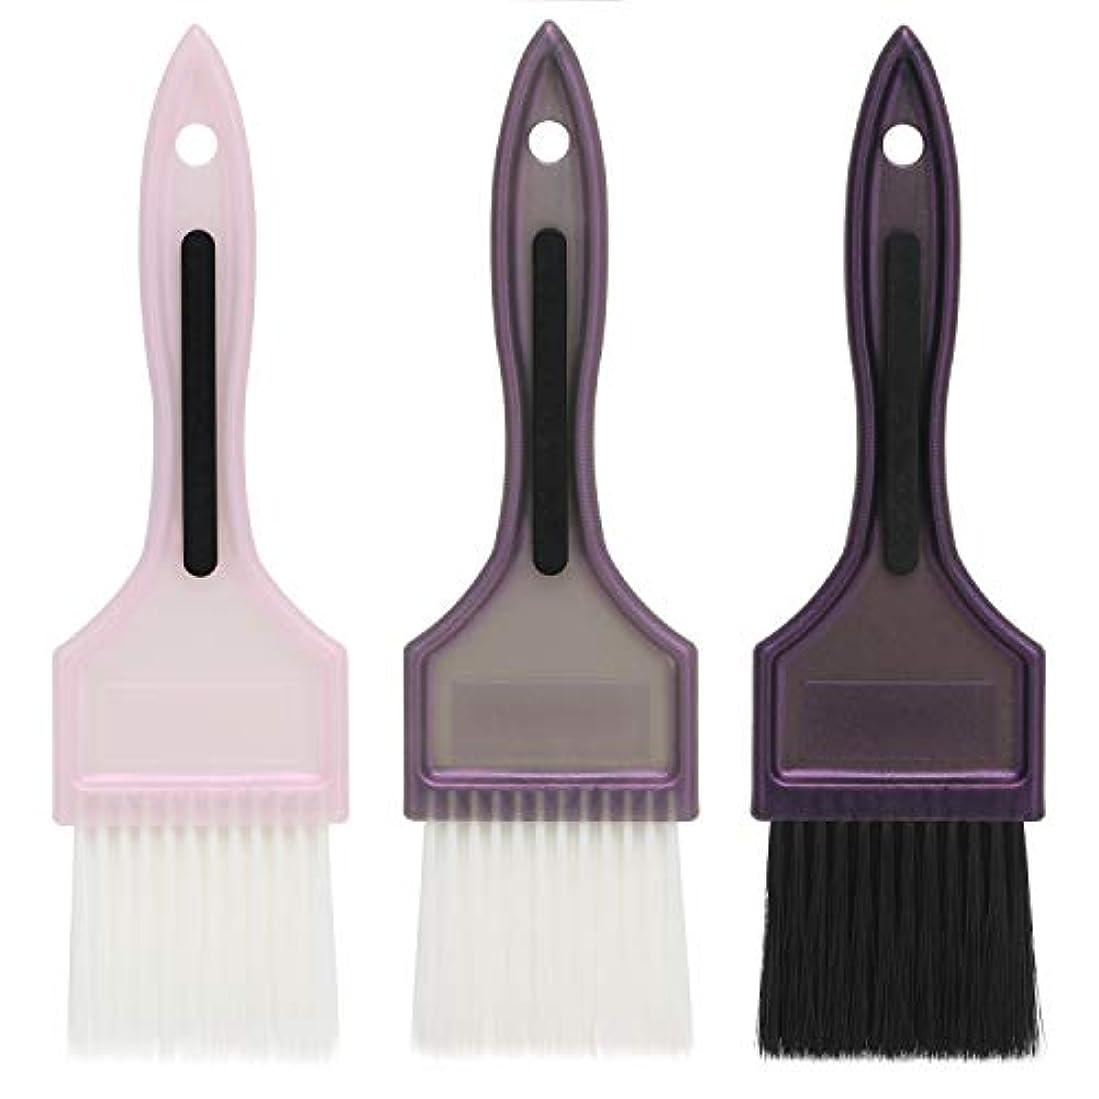 飲み込む購入吸収するSegbeauty 髪染め用 ヘアダイブラシ 3本セット カラーブラシ